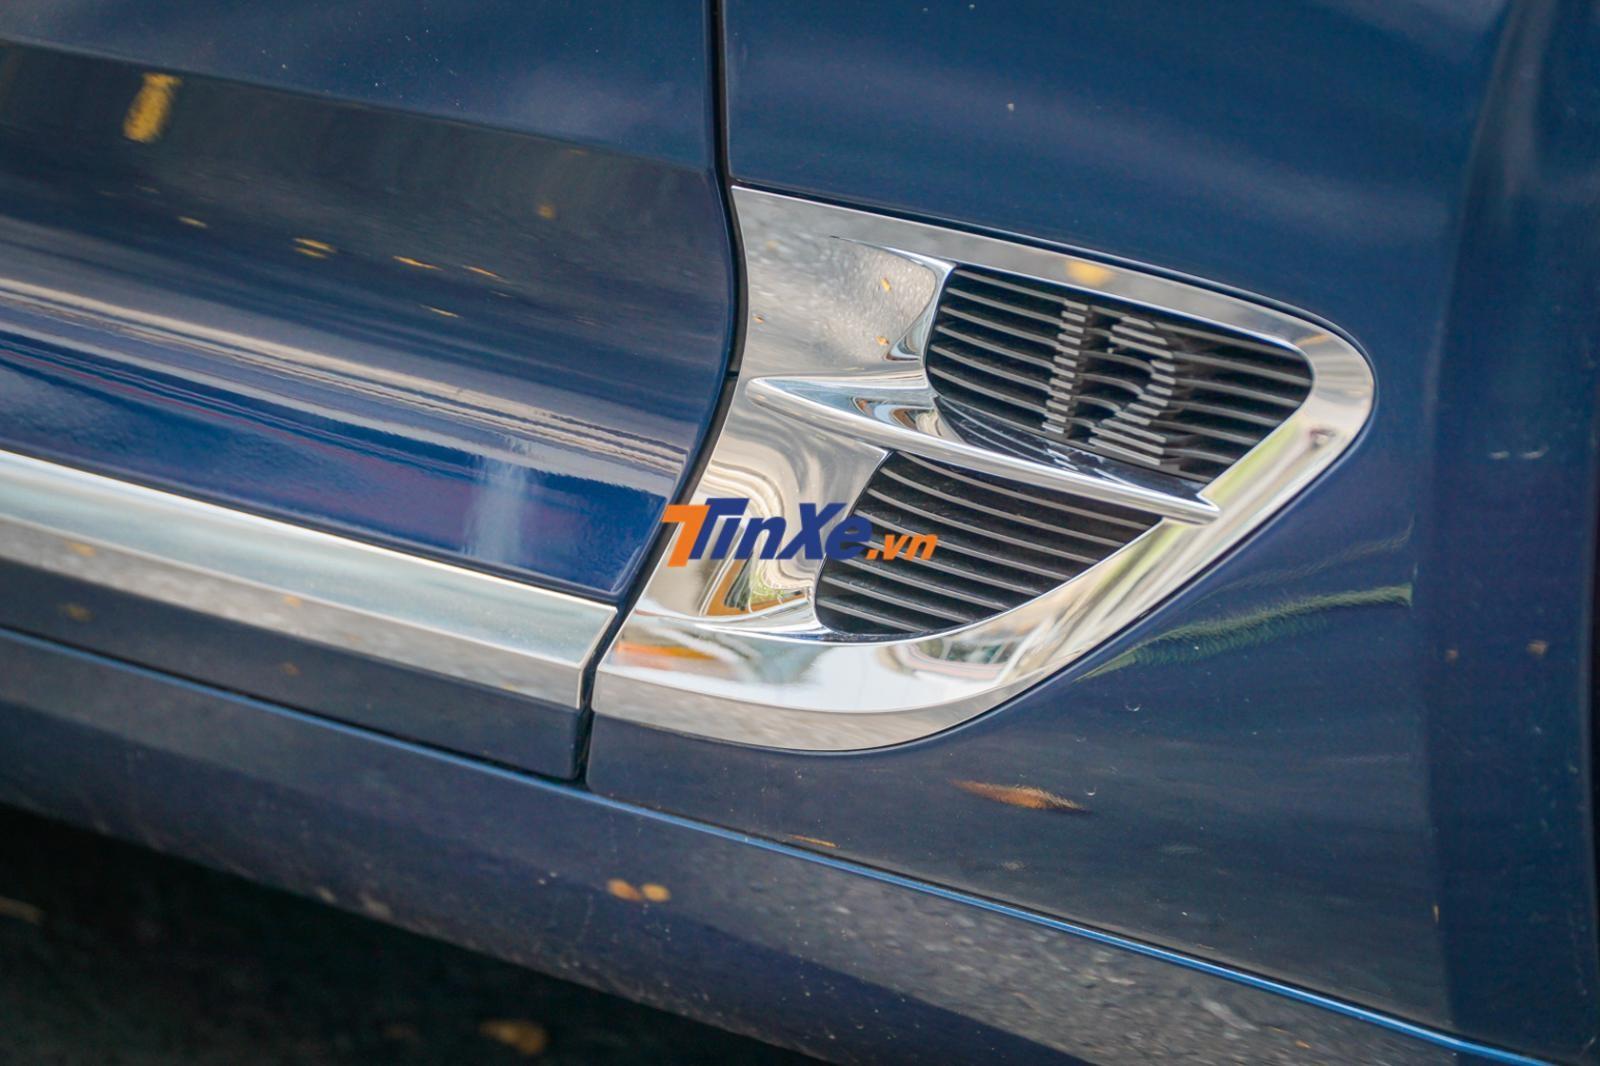 Bên hông xe, ngay hốc gió có xuất hiện con số 12 ngầm ám chỉ chiếc Bentley Continental GT đời 2018 này được trang bị động cơ W12